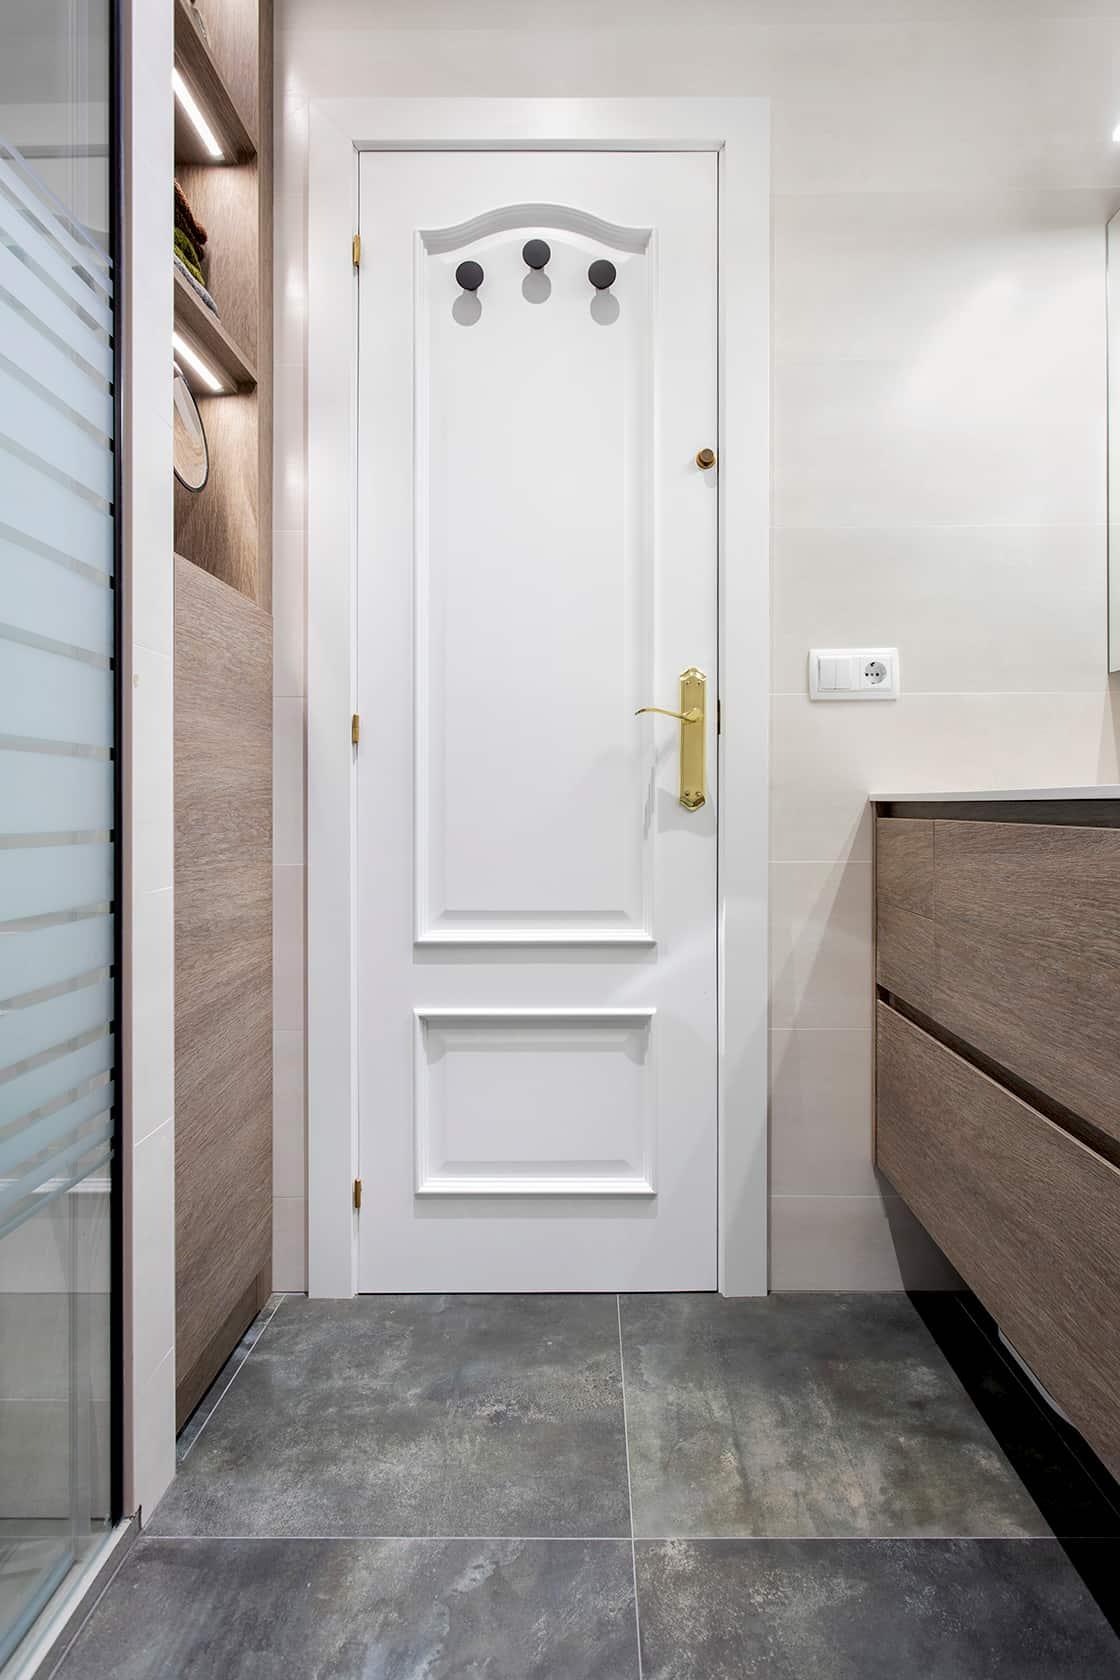 puerta de baño